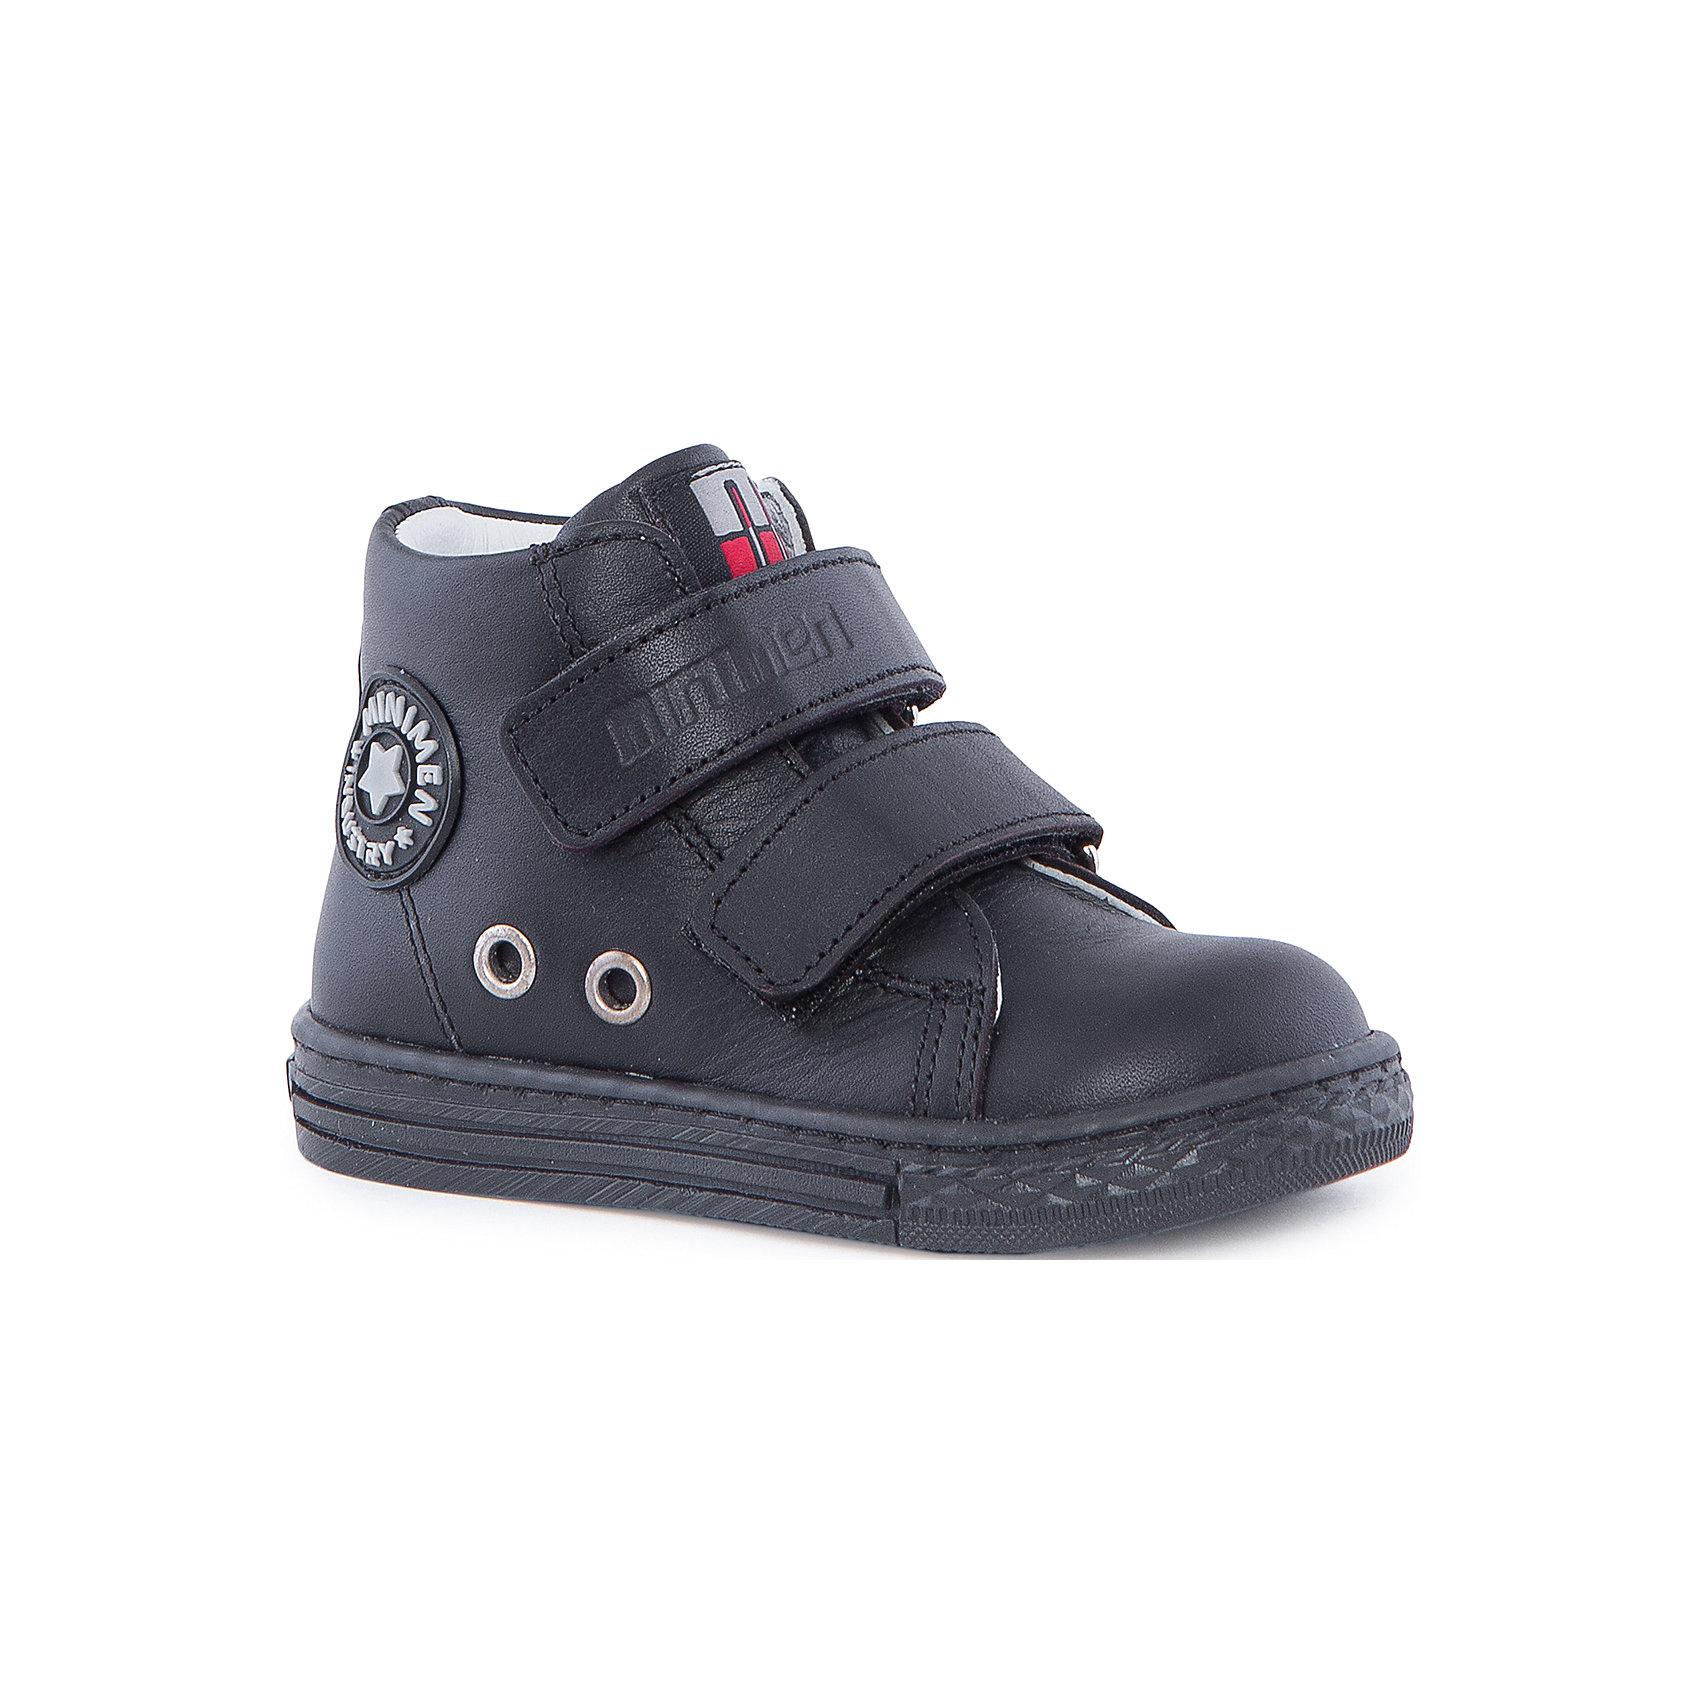 Ботинки для мальчика MinimenСтильные и практичные ботиночки от Minimen. Они имеют ортопедическую стельку и толстую подошву. Ботинки легко надевать и застегивать при помощи липучек. Кроме того, вы можете не переживать о промокших ногах, если ребенок пройдет по луже. Отлично подойдут для осени.<br><br>Дополнительная информация:<br>Стелька: супинатор<br>Цвет: темно-синий<br>Сезон: осень<br>Материал: кожа<br><br>Ботинки Minimen можно купить в нашем интернет-магазине.<br><br>Ширина мм: 262<br>Глубина мм: 176<br>Высота мм: 97<br>Вес г: 427<br>Цвет: синий<br>Возраст от месяцев: 9<br>Возраст до месяцев: 12<br>Пол: Мужской<br>Возраст: Детский<br>Размер: 20,24,23,22,21<br>SKU: 4970004